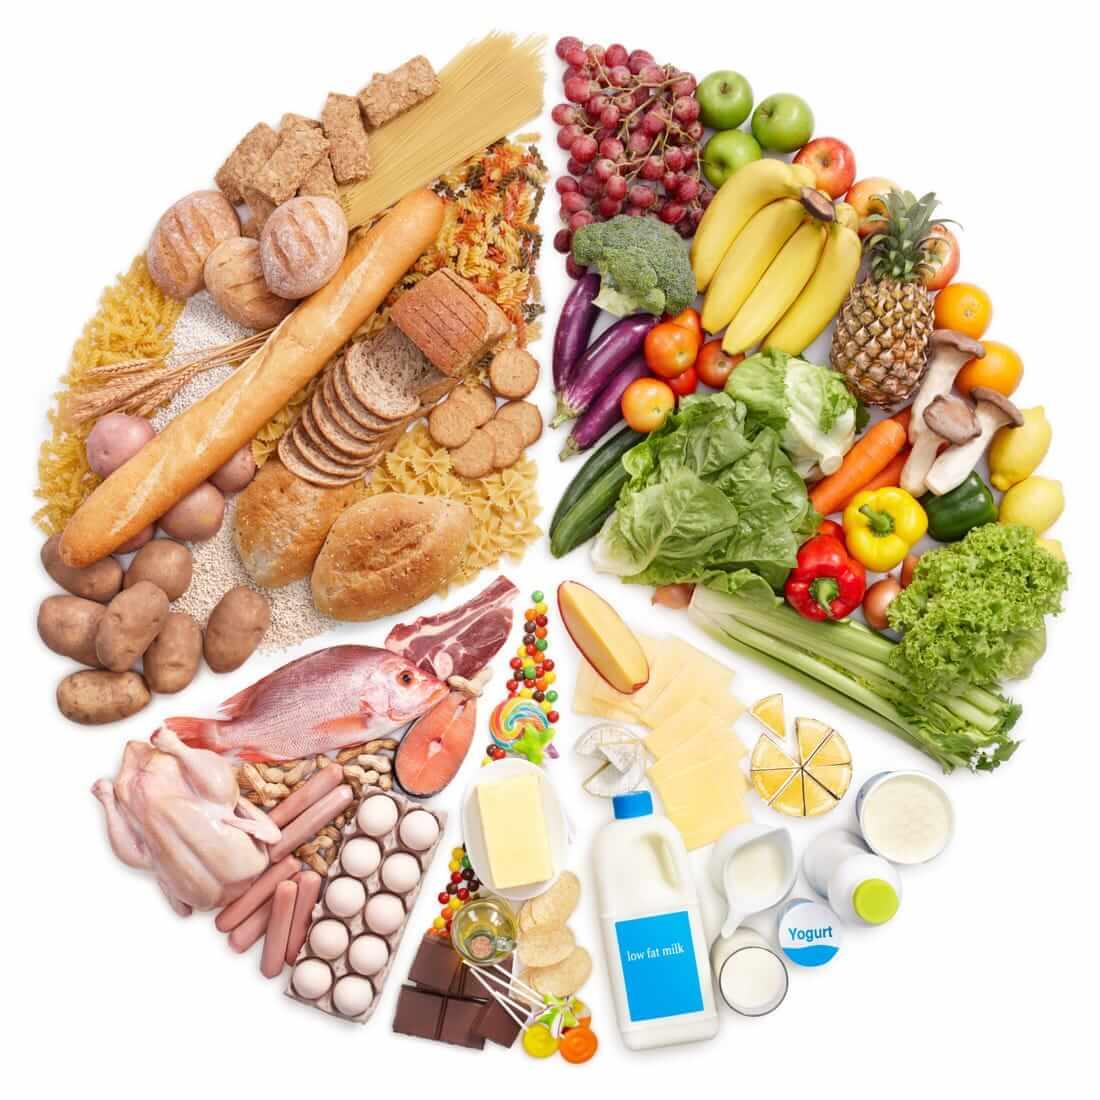 Ngoài ra, bạn cần có chế độ ăn uống hợp lý để giúp da săn chắc